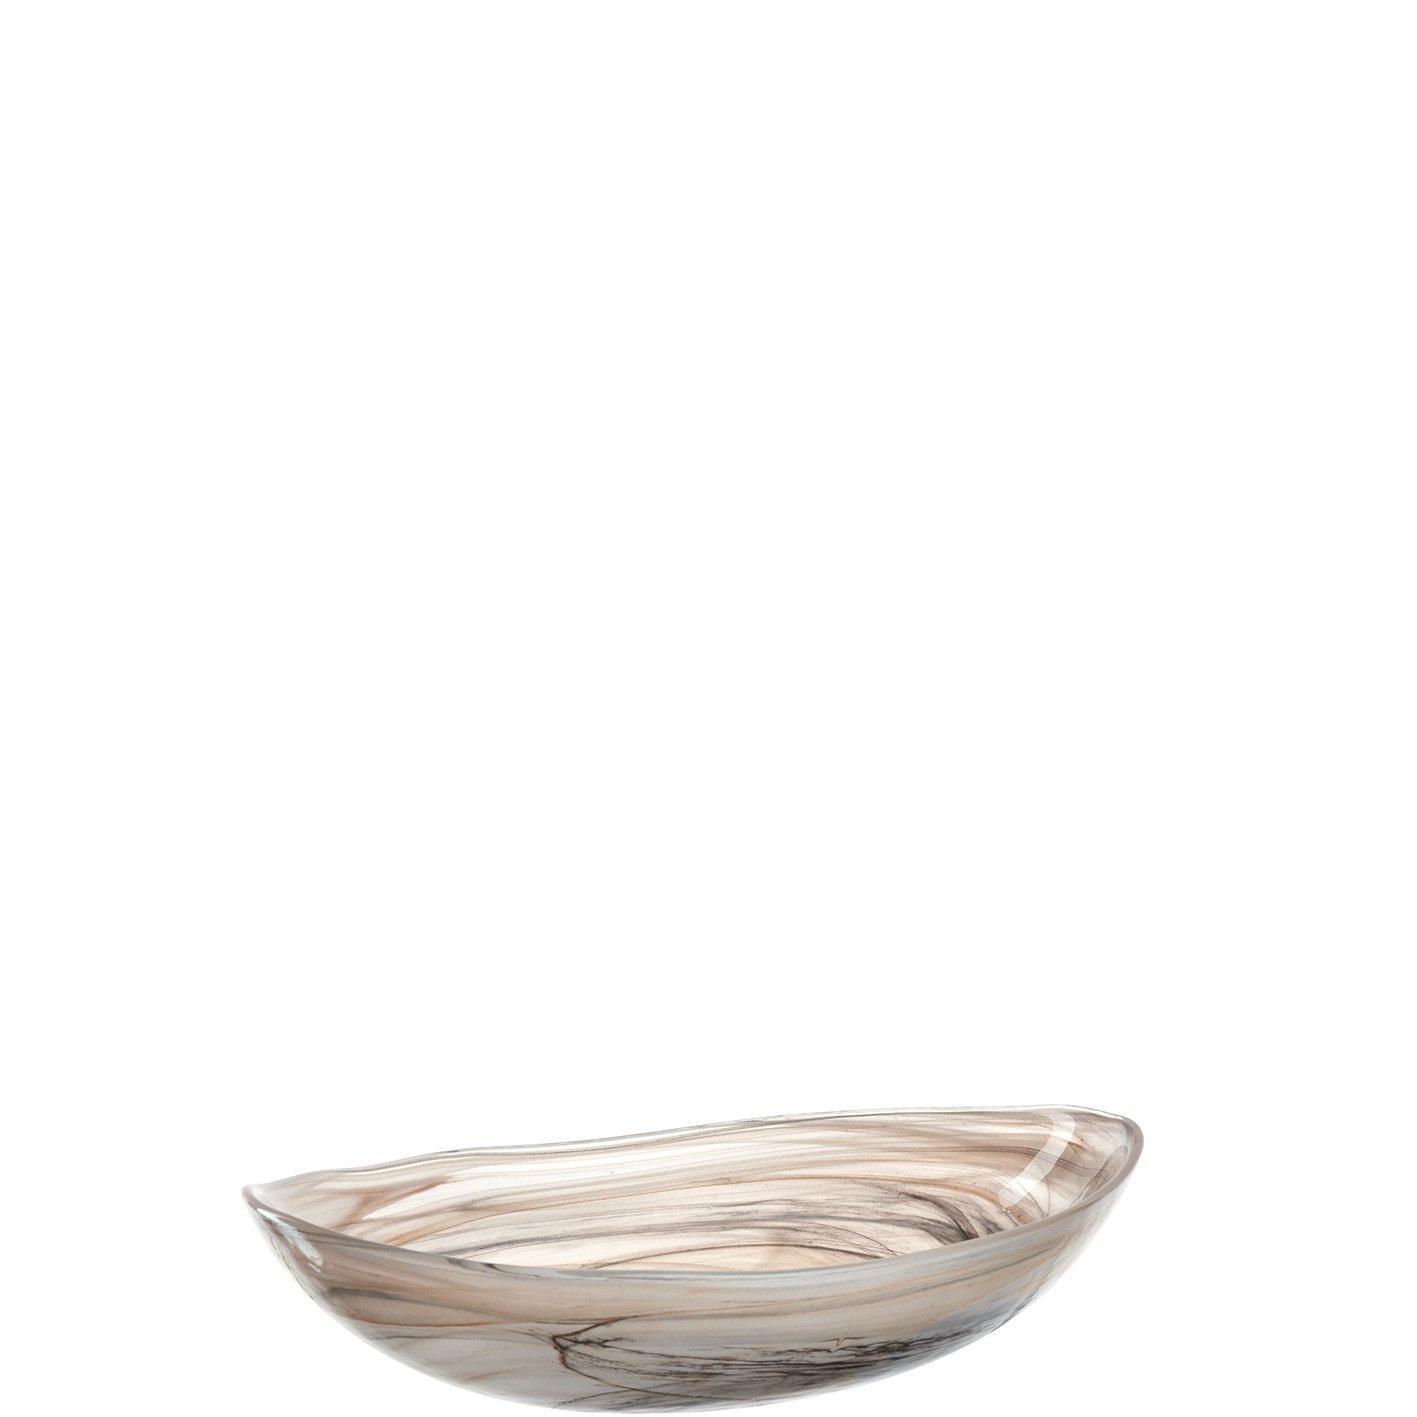 Schale oval 22 beige Alabastro ALABASTRO